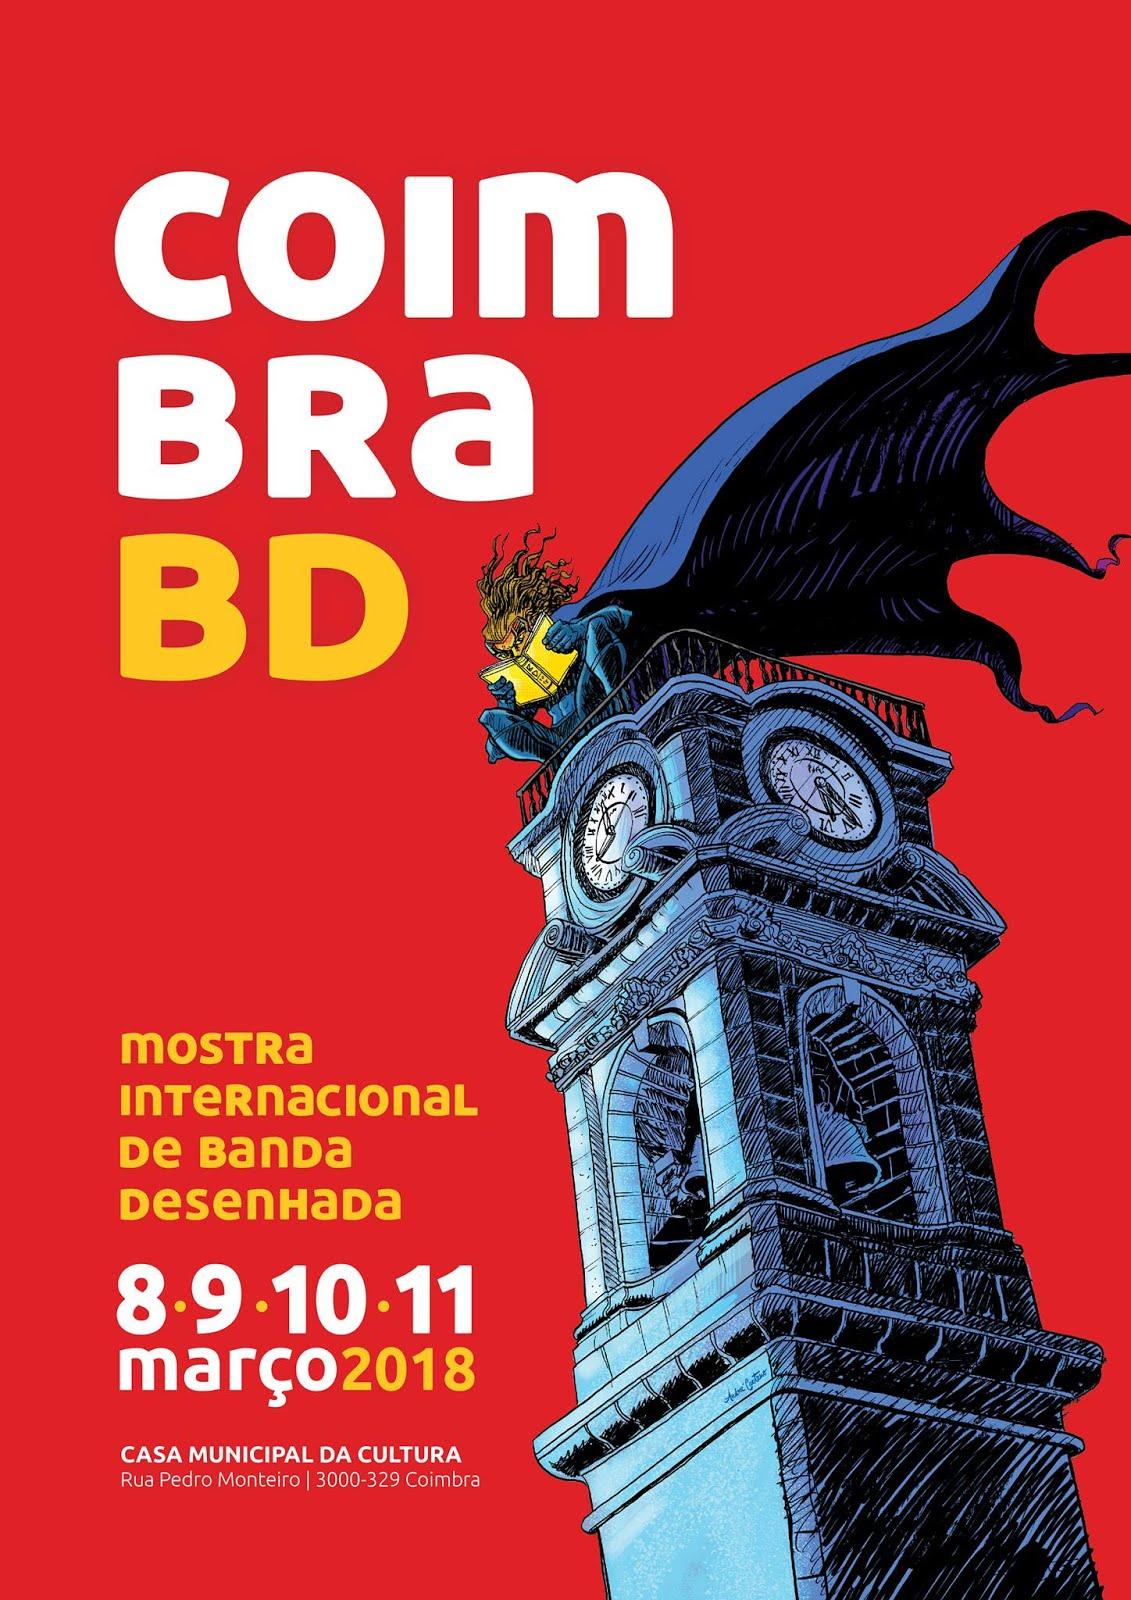 COIMBRA BD